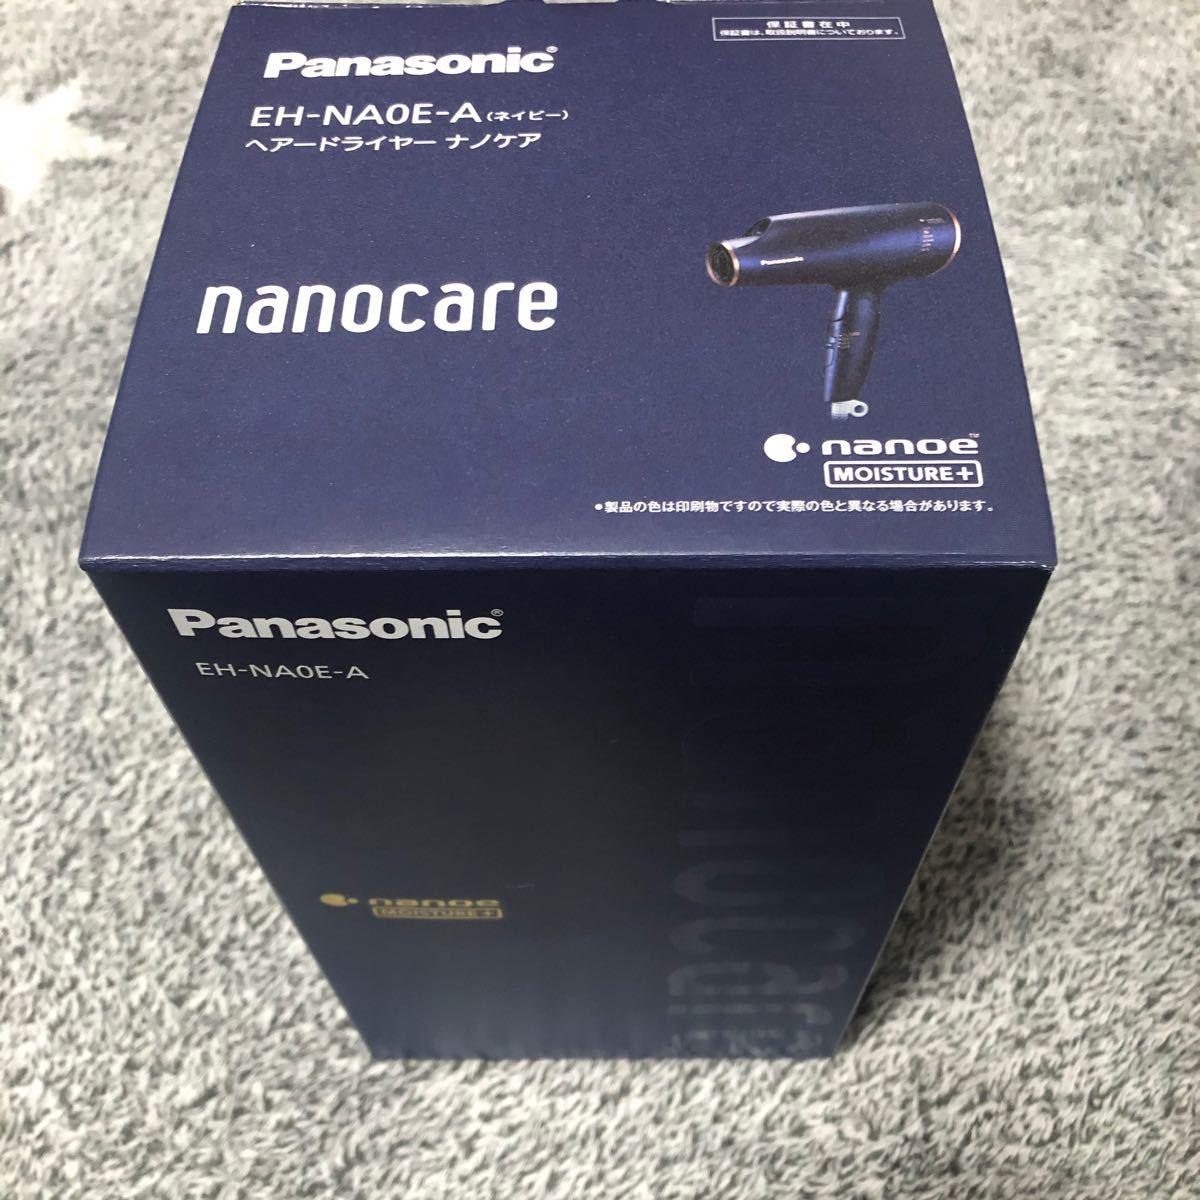 Panasonic パナソニック ナノケアドライヤー EH-NA0E-A   ヘアードライヤーナノケア